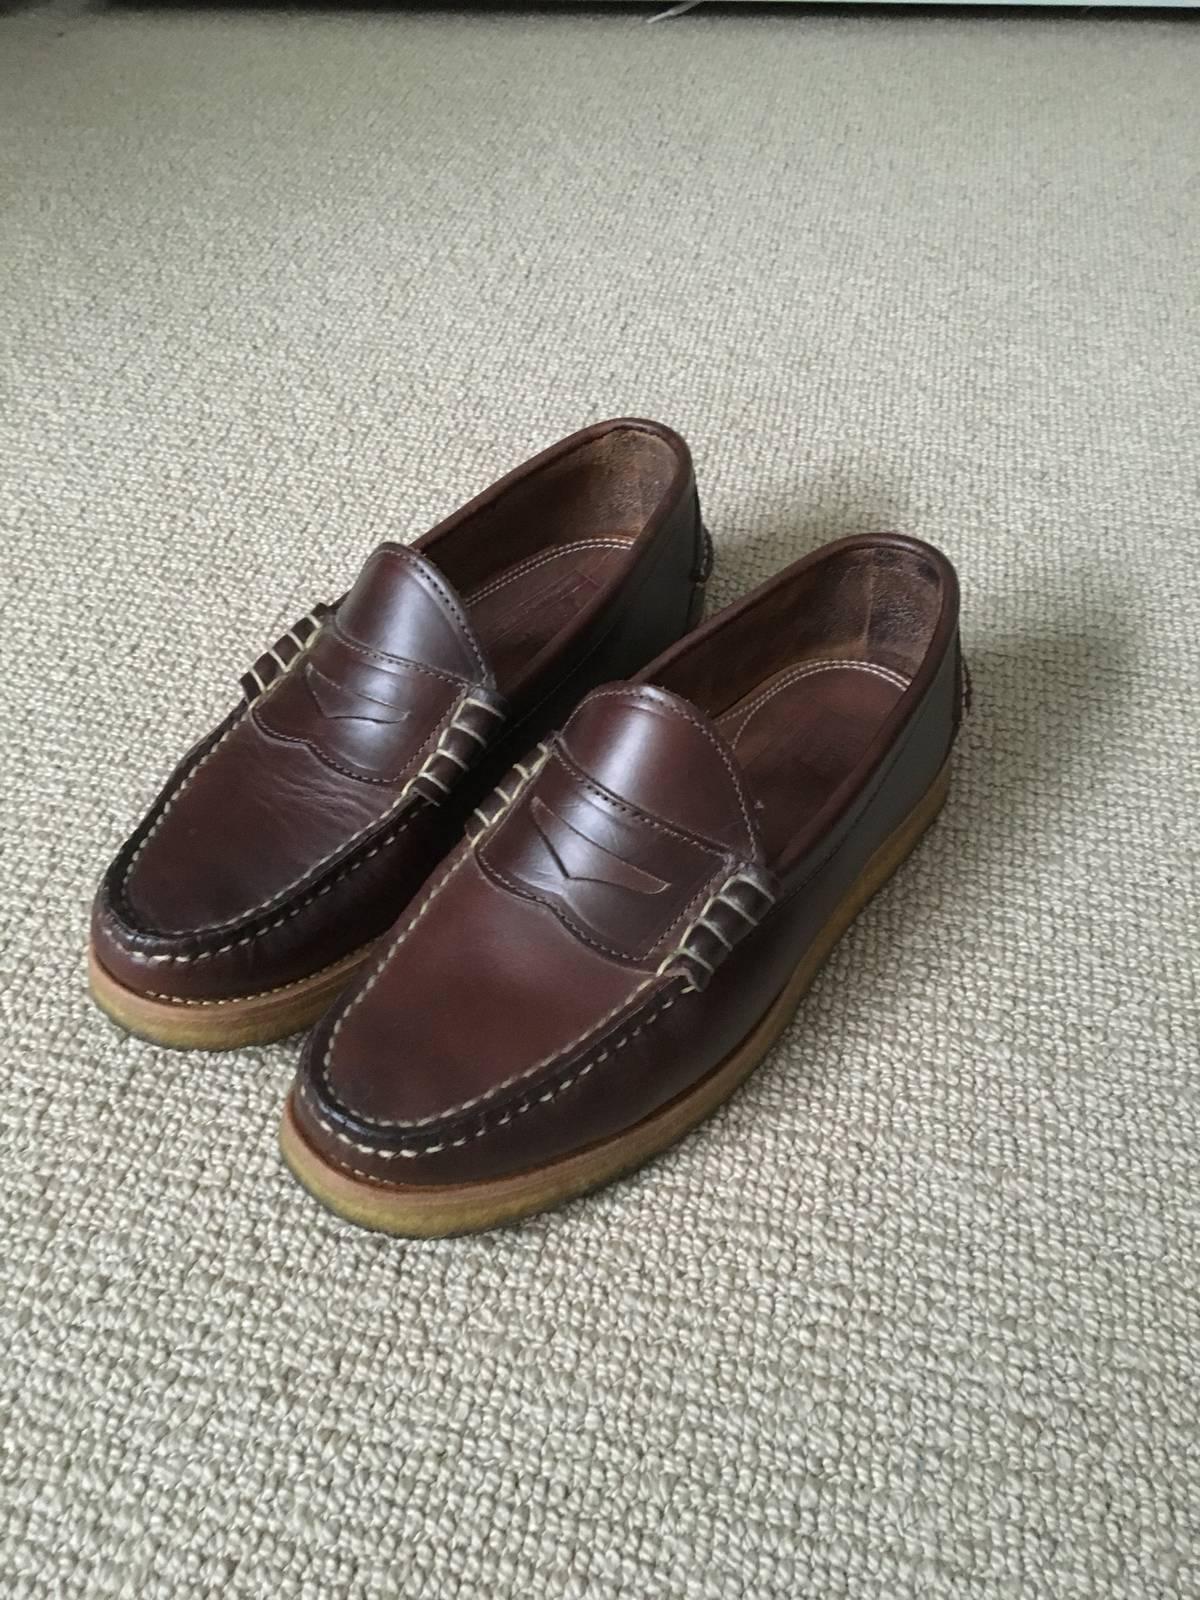 c0d7eba95c5 Oak Street Bootmakers Brown Cxl Crepe Sole Loafer